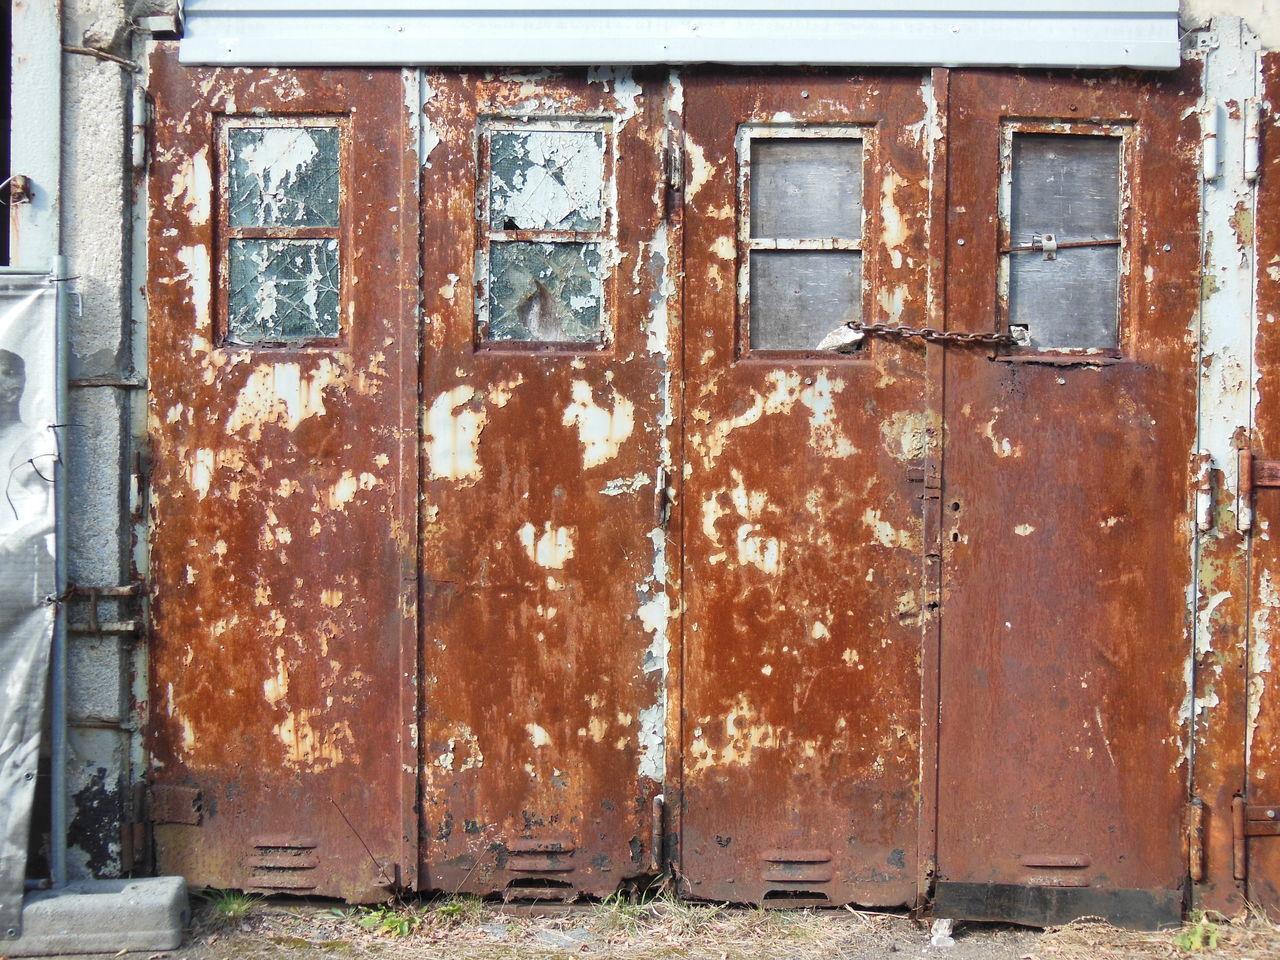 OLD RUSTY DOOR OF BUILDING